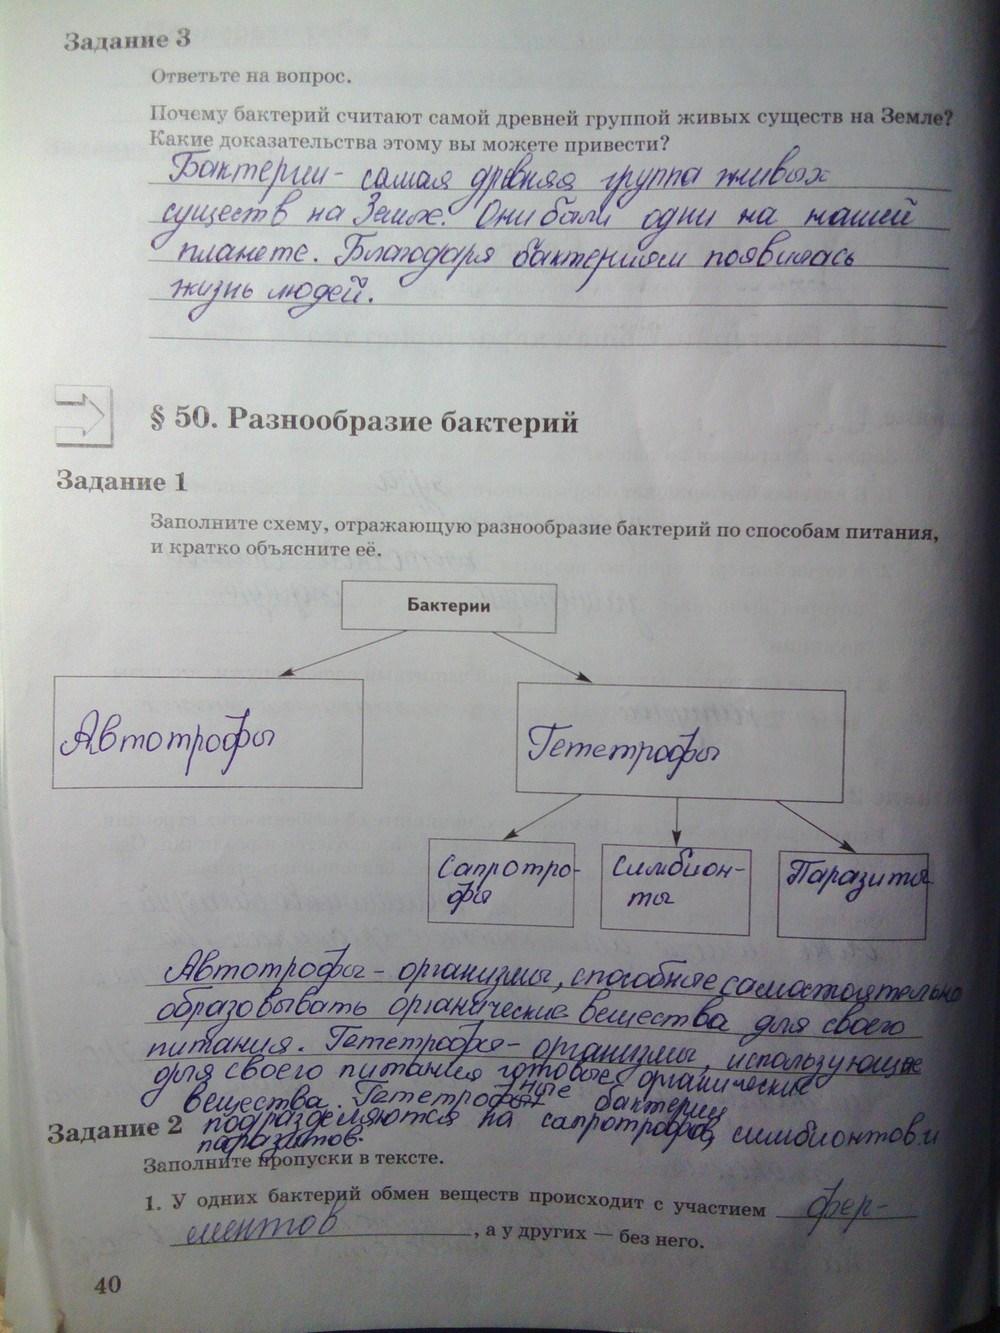 гдз по биологии 6 класс и.н пономарева рабочий тетрадь 2 часть